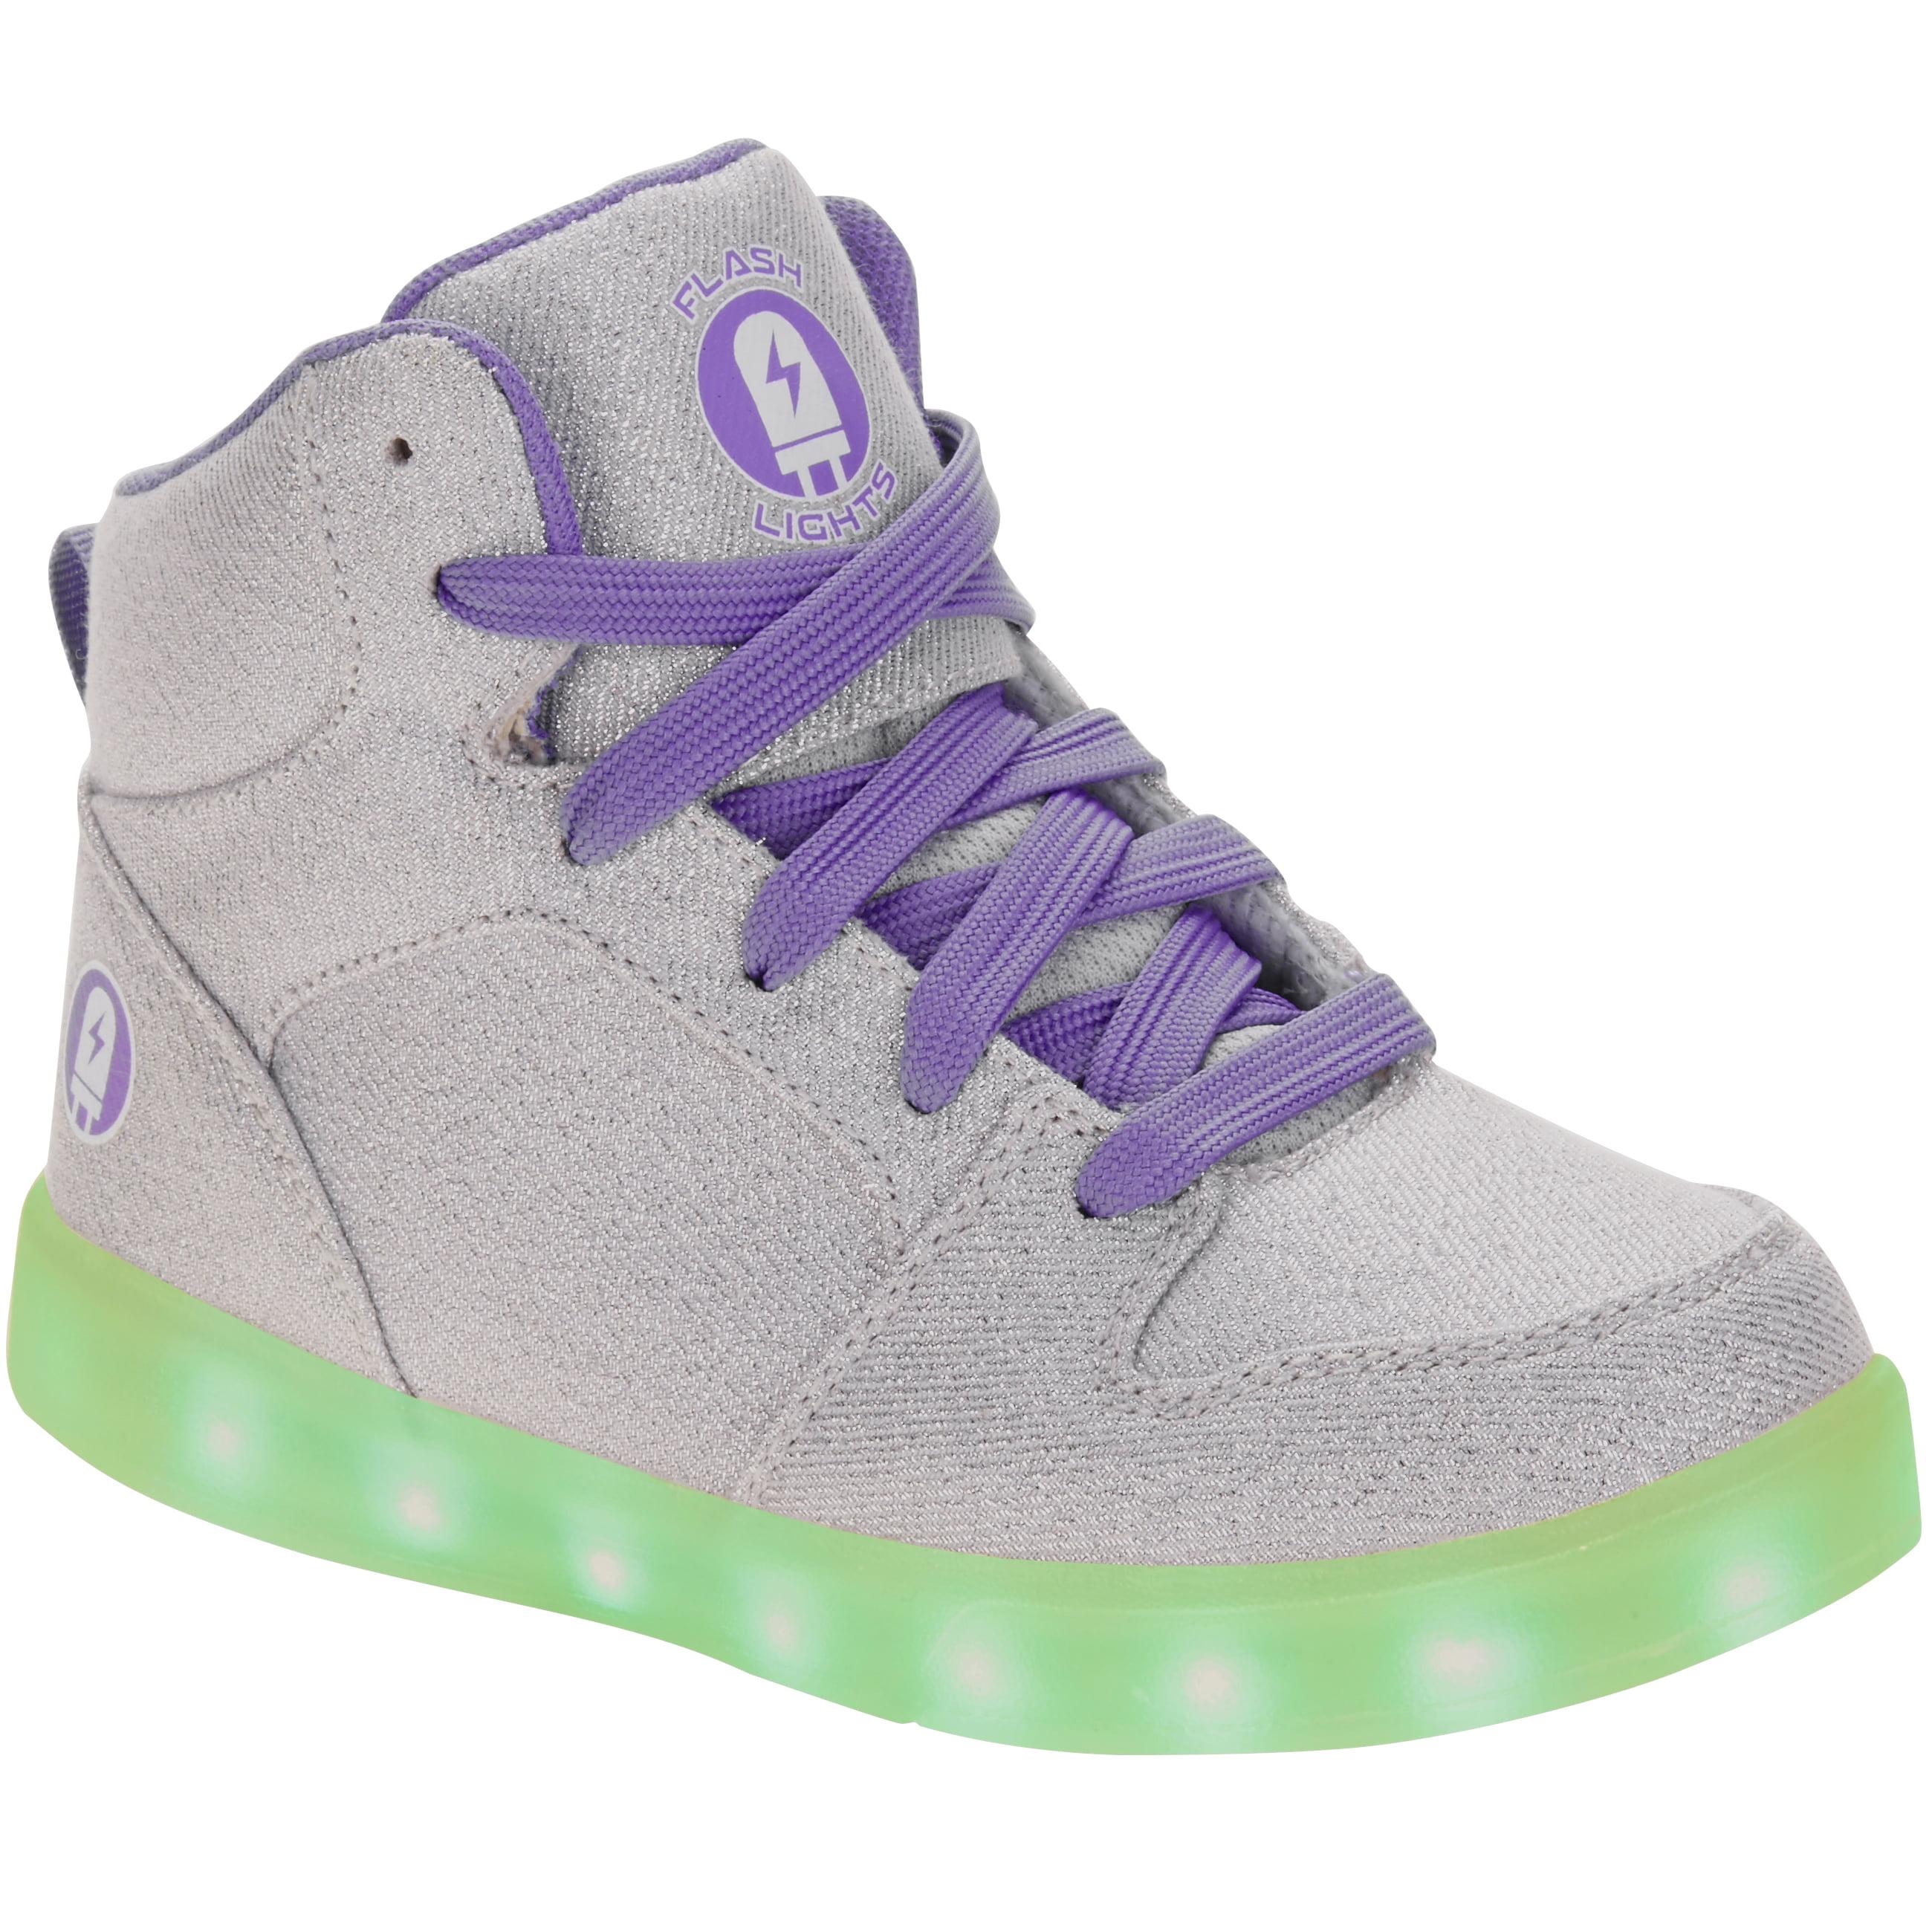 walmart light up sneakers